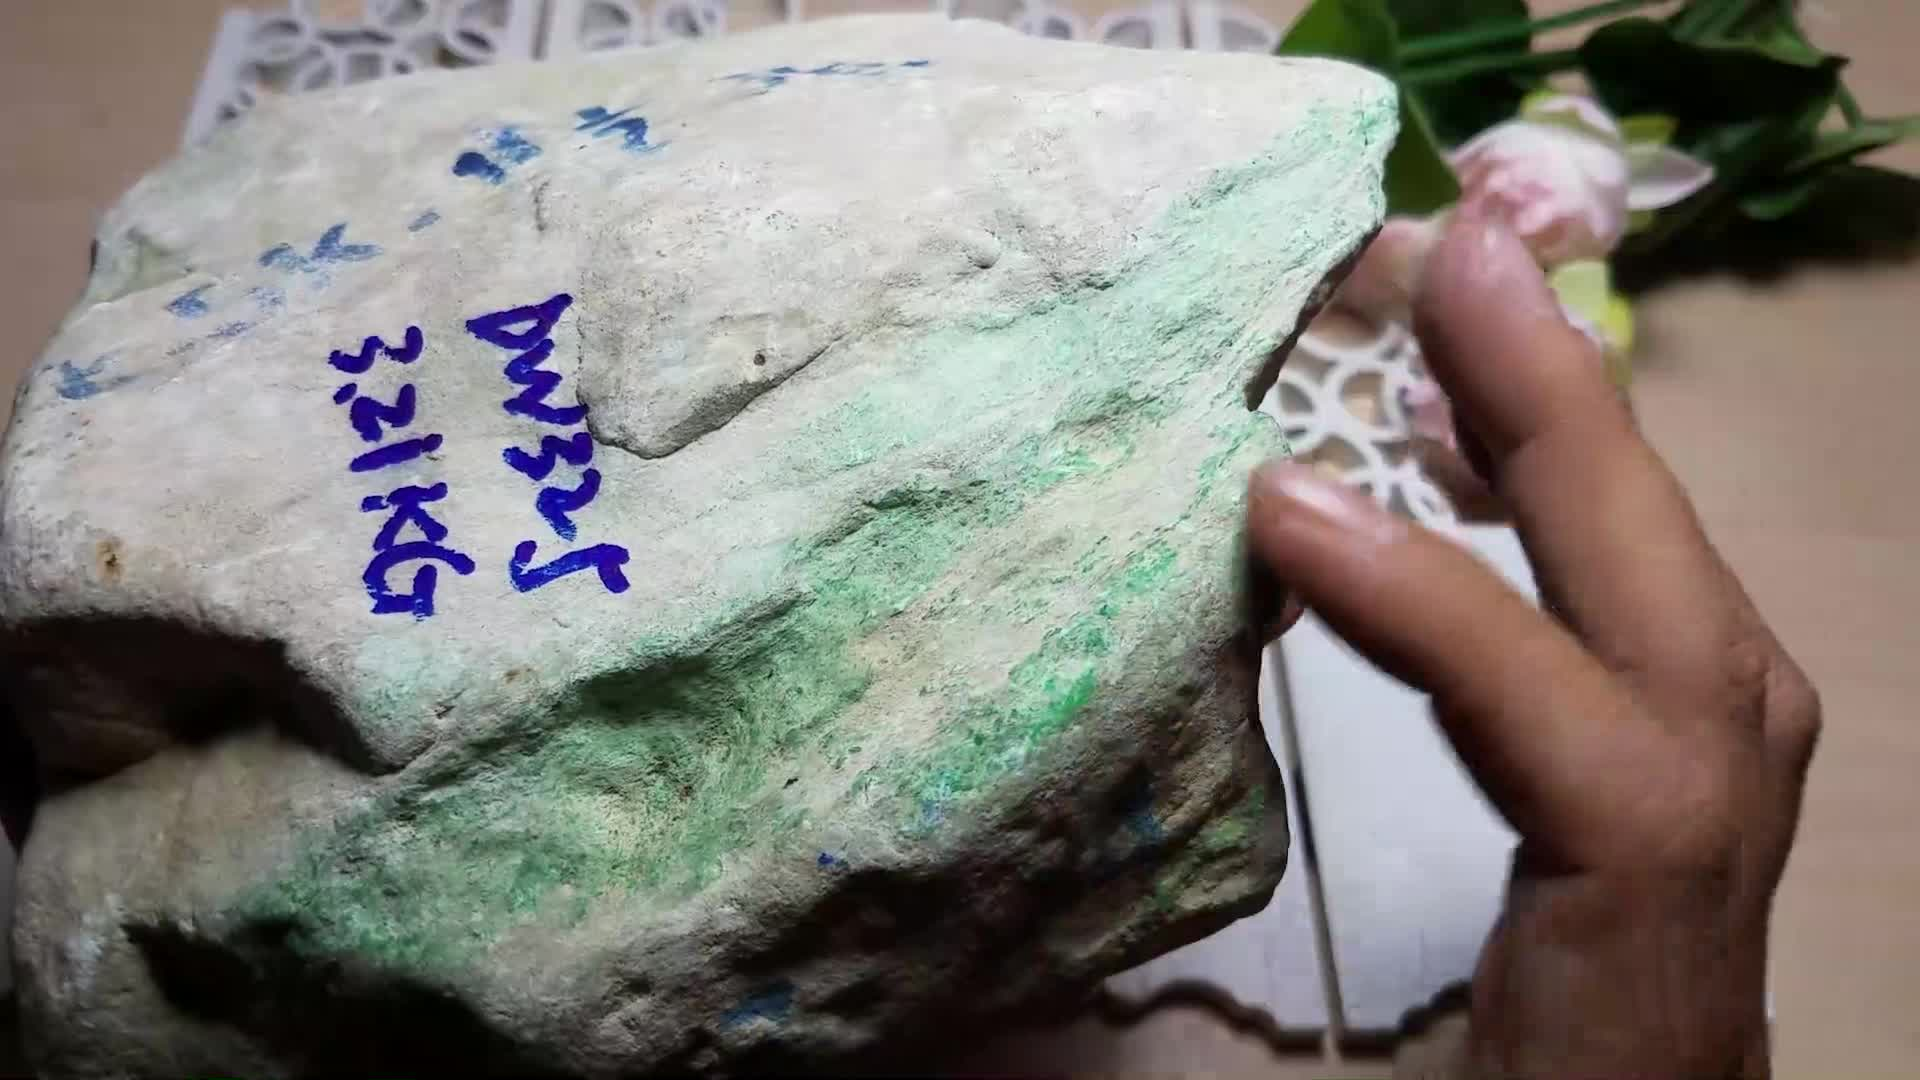 #赌石#新手2000块的翡翠原石,切出2条冰种飘花手镯,也太好运了吧